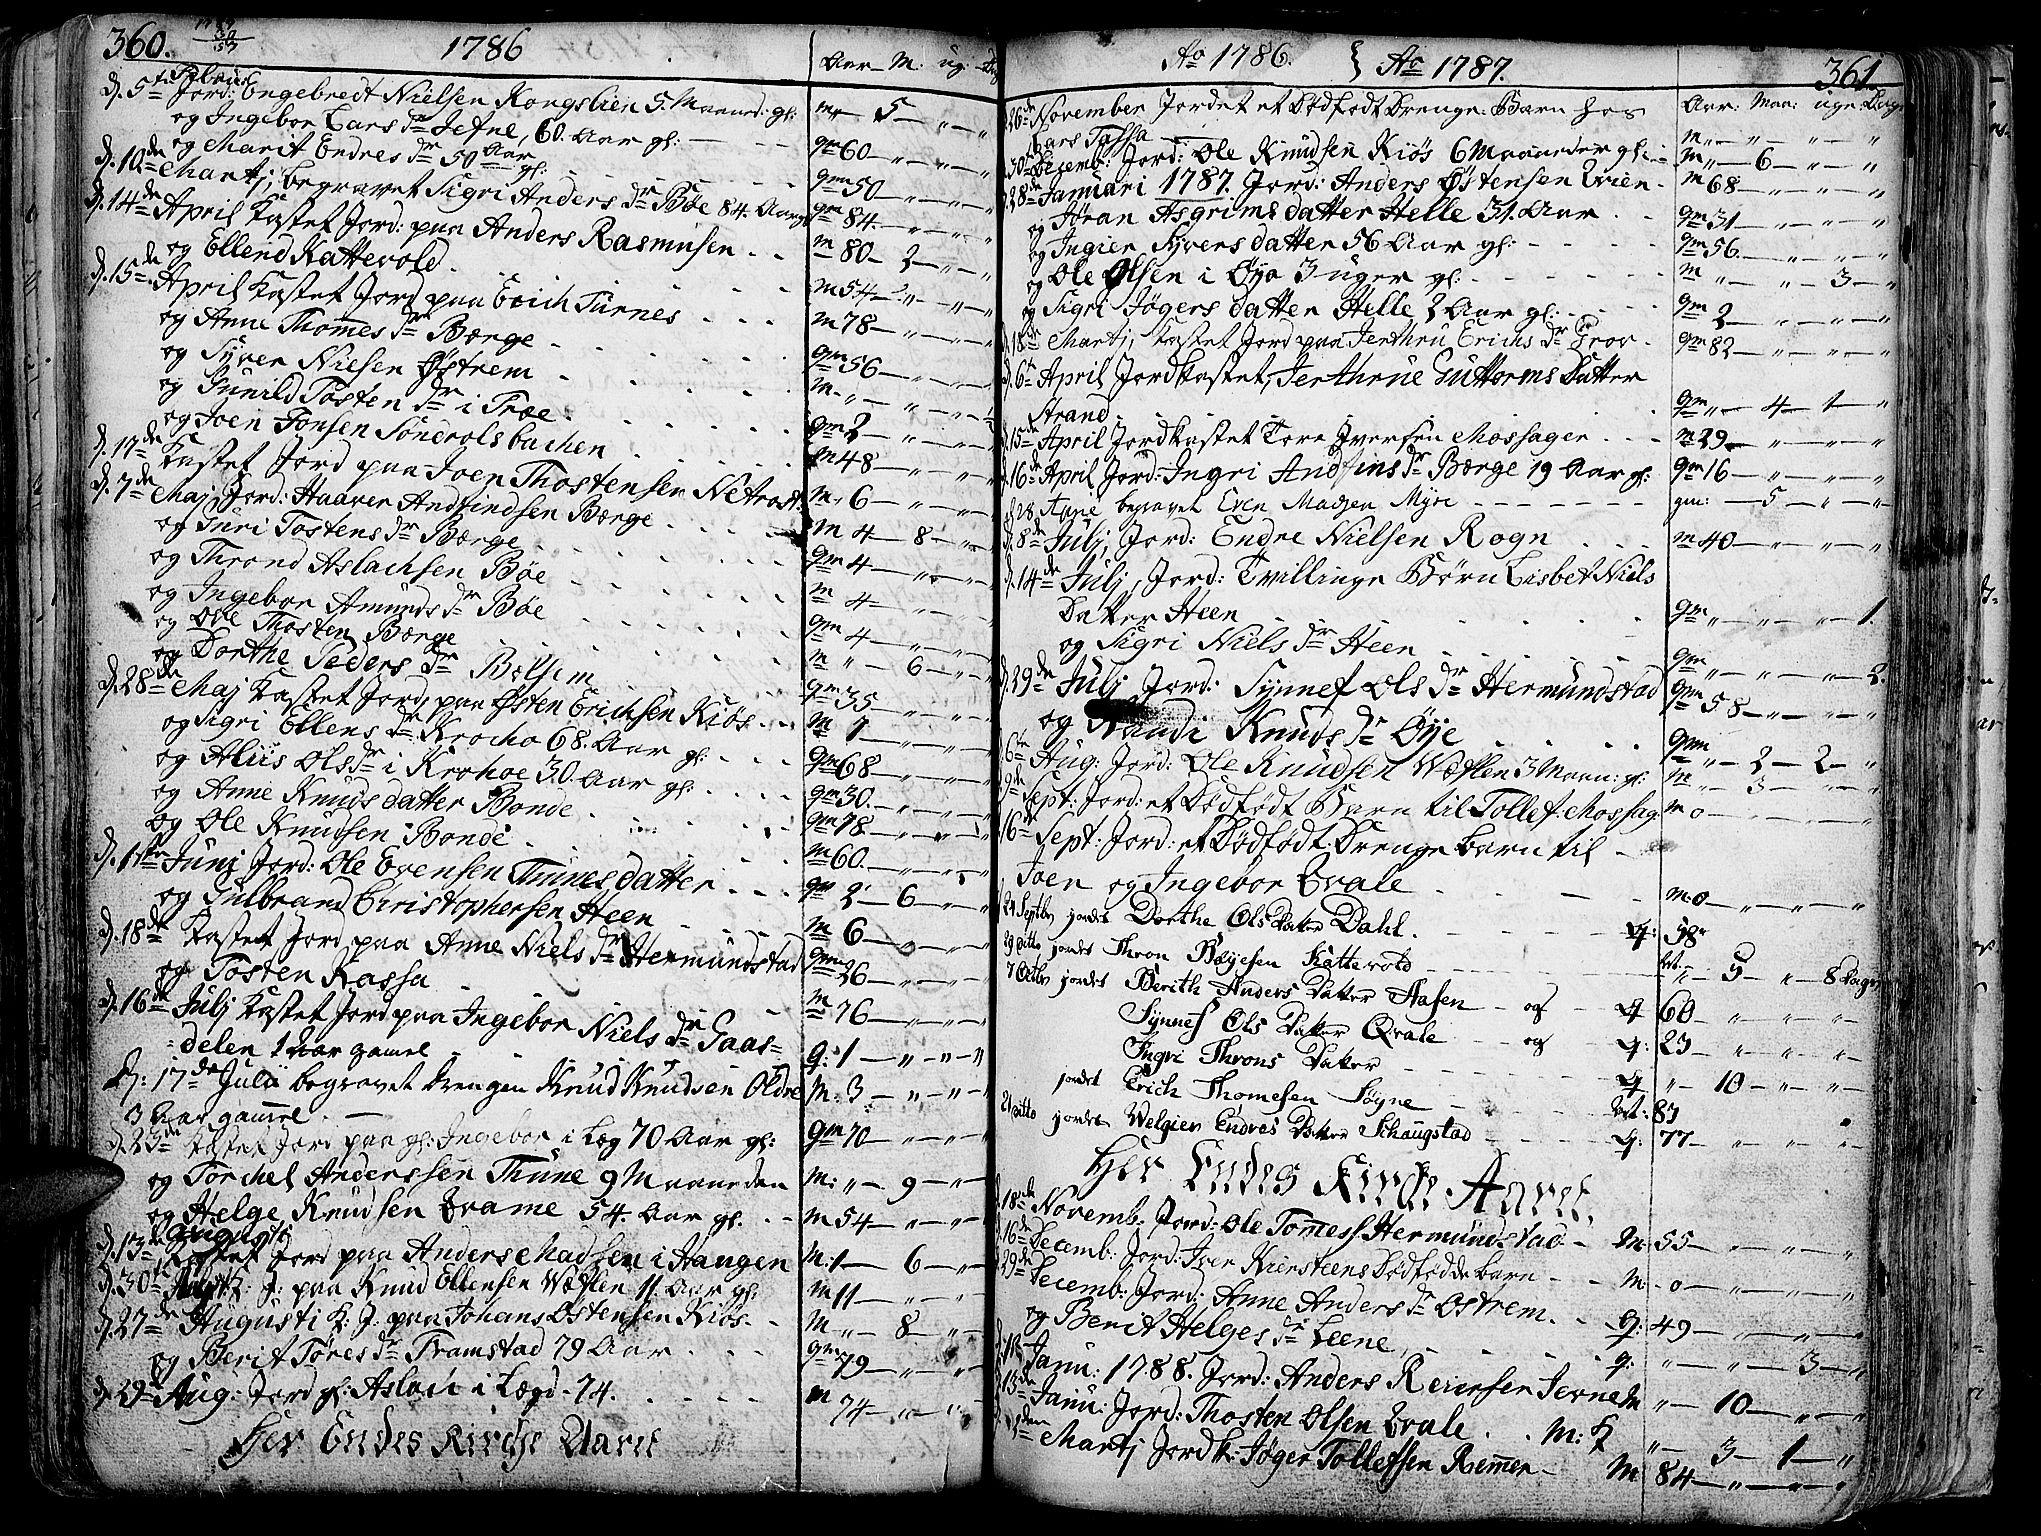 SAH, Vang prestekontor, Valdres, Ministerialbok nr. 1, 1730-1796, s. 360-361